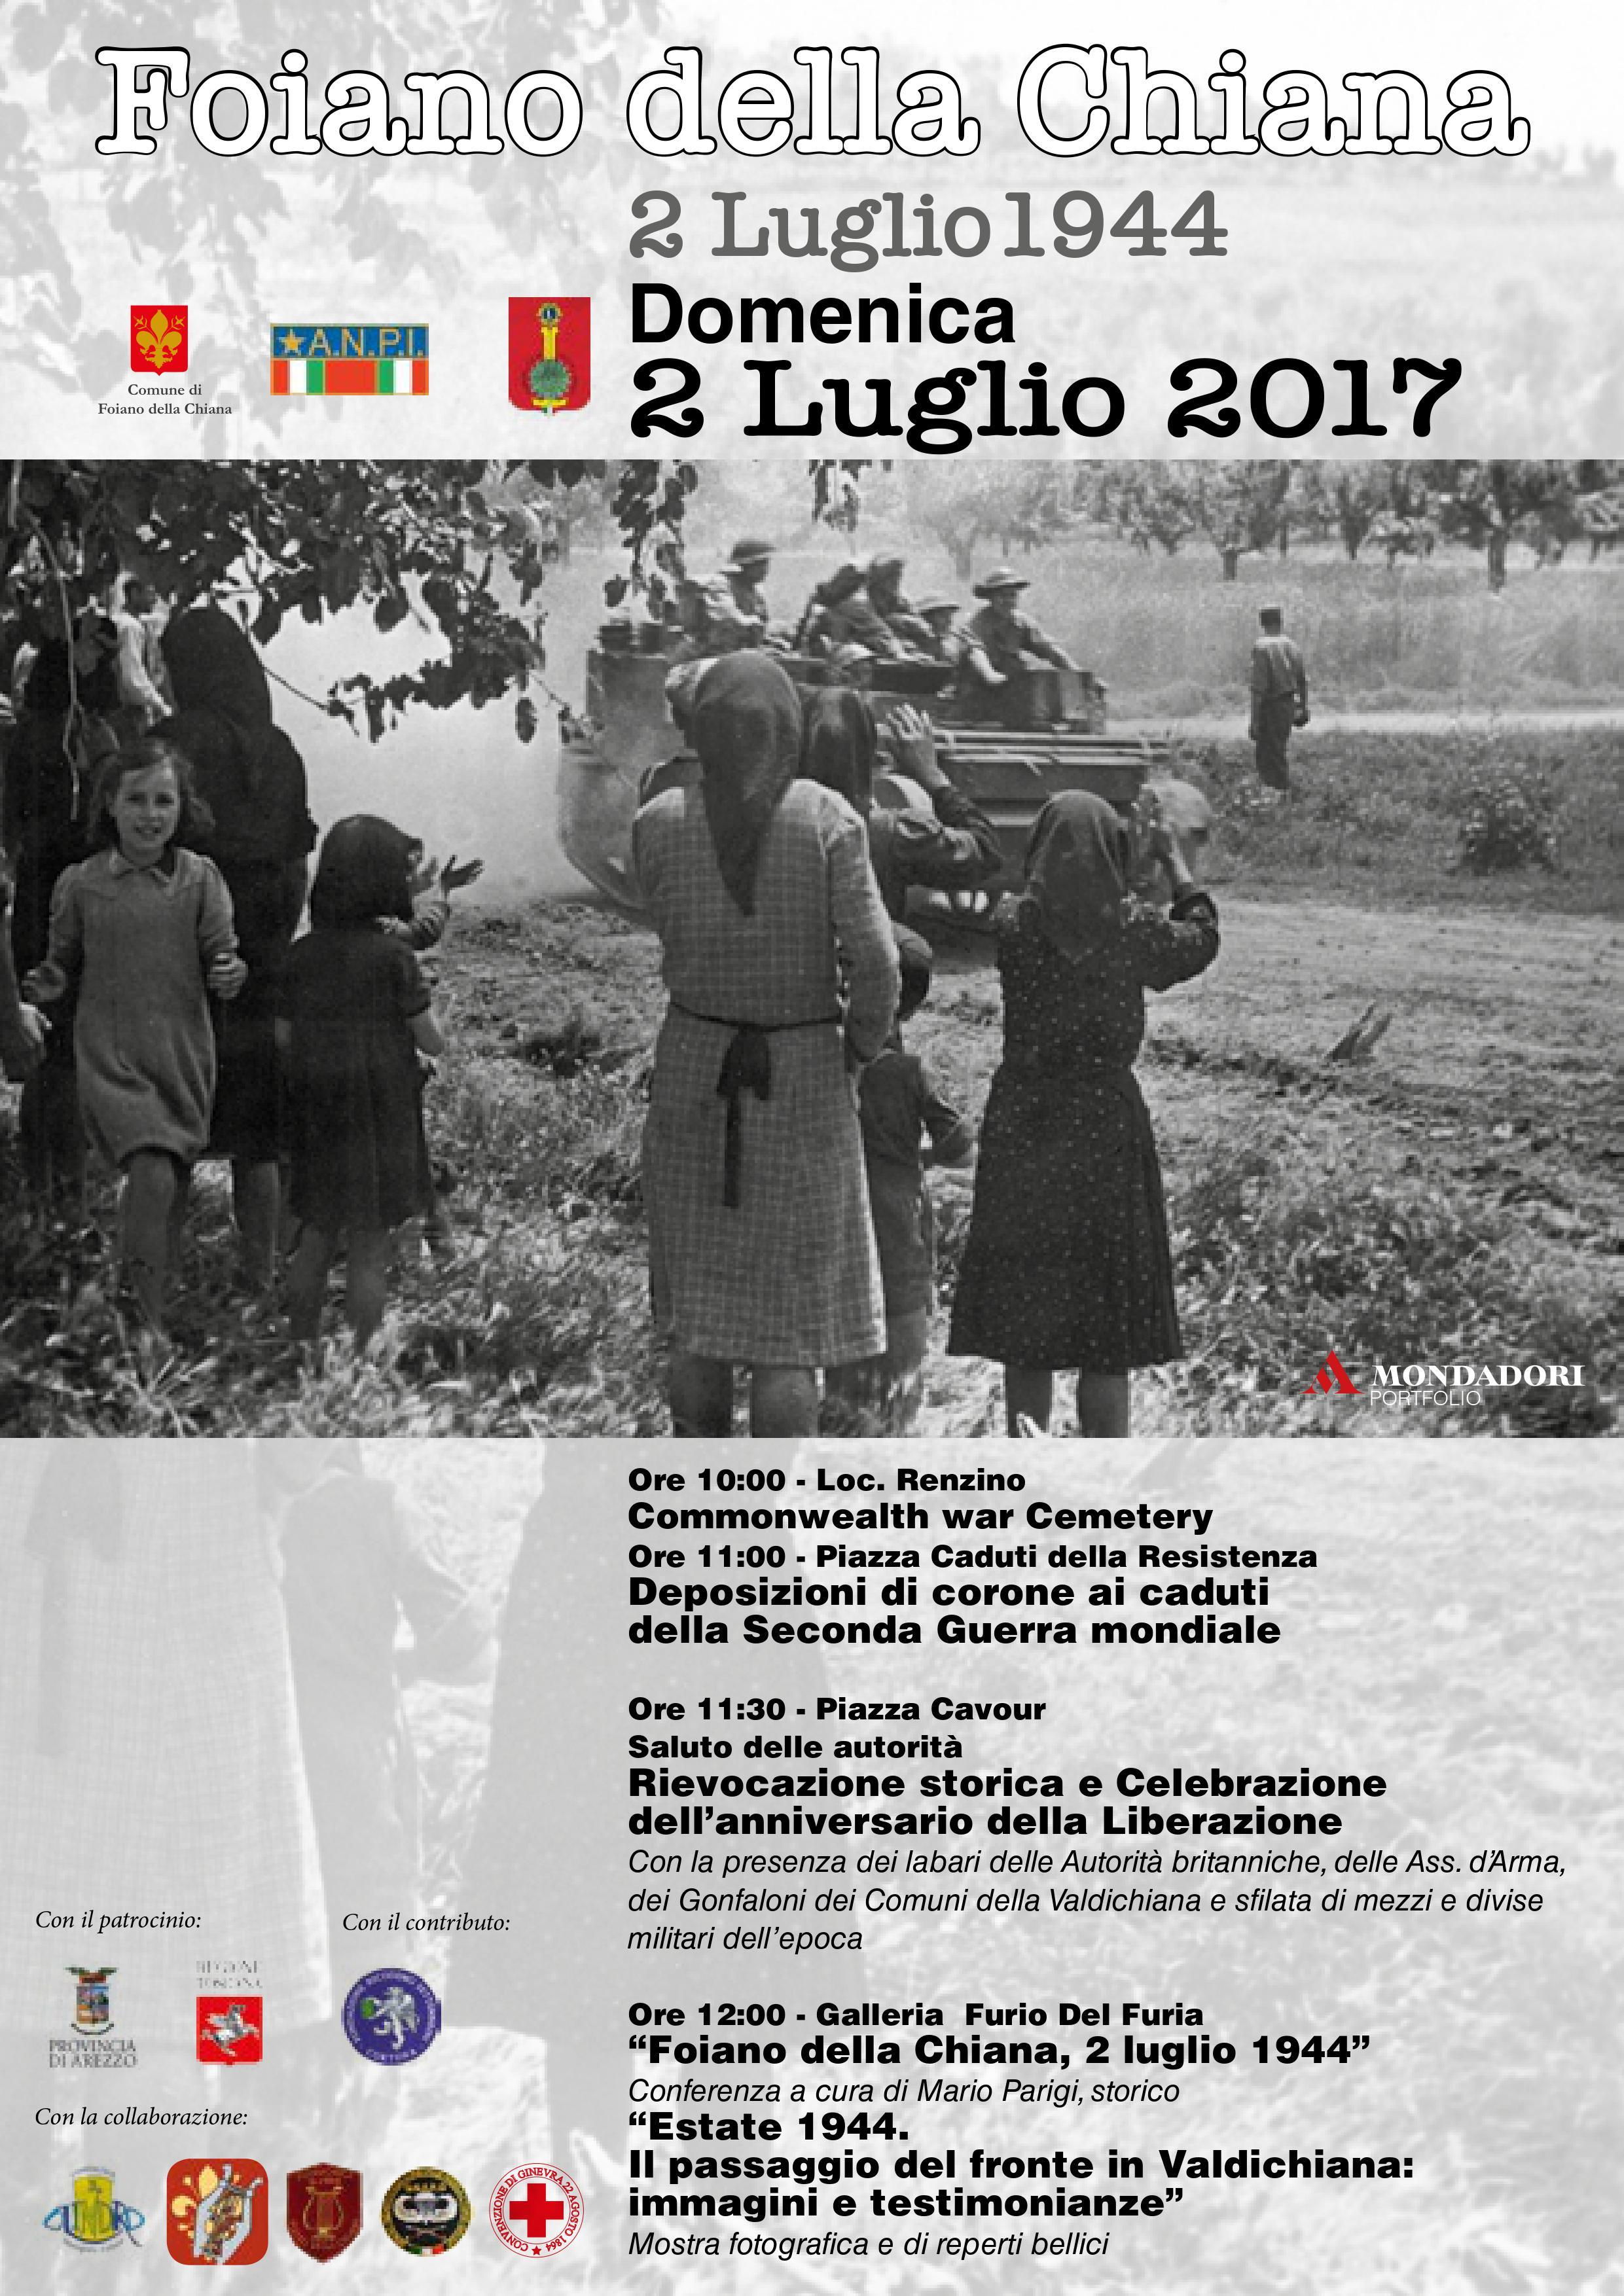 2 Luglio, iniziative nell'anniversario della Liberazione di Foiano